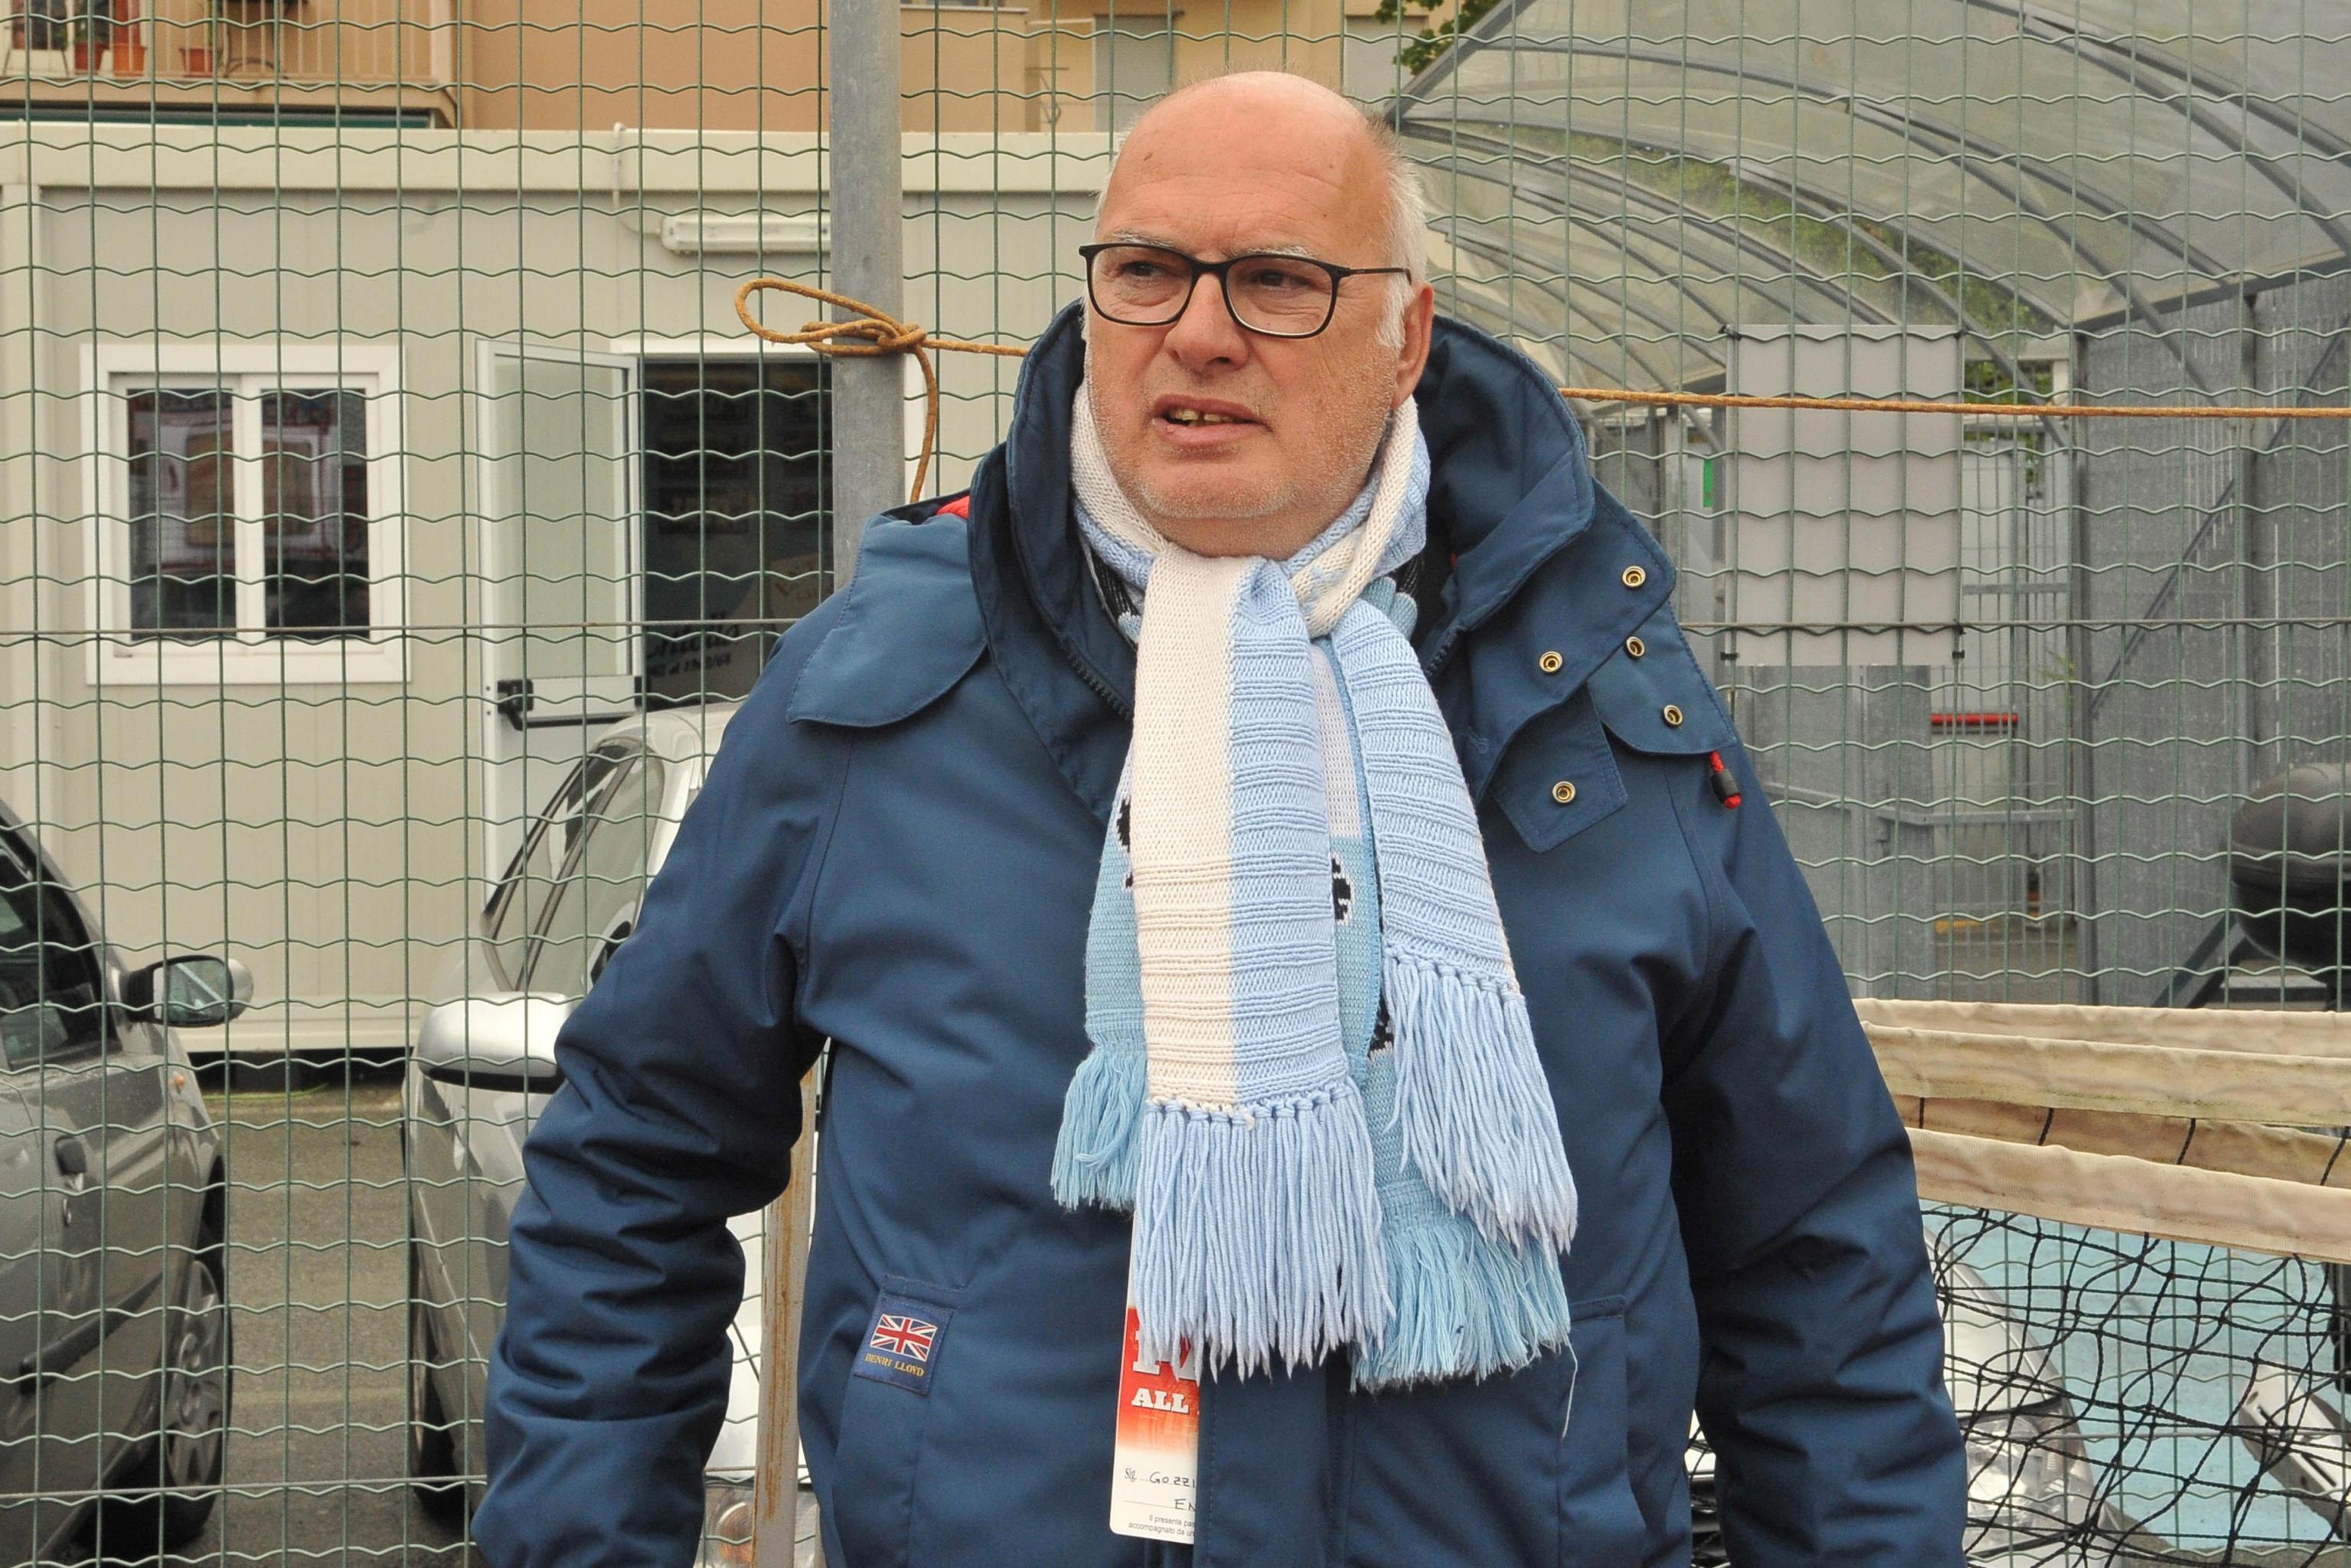 ANSA-PROFILO/ Antonio Gozzi, imprenditore di calcio e acciaio